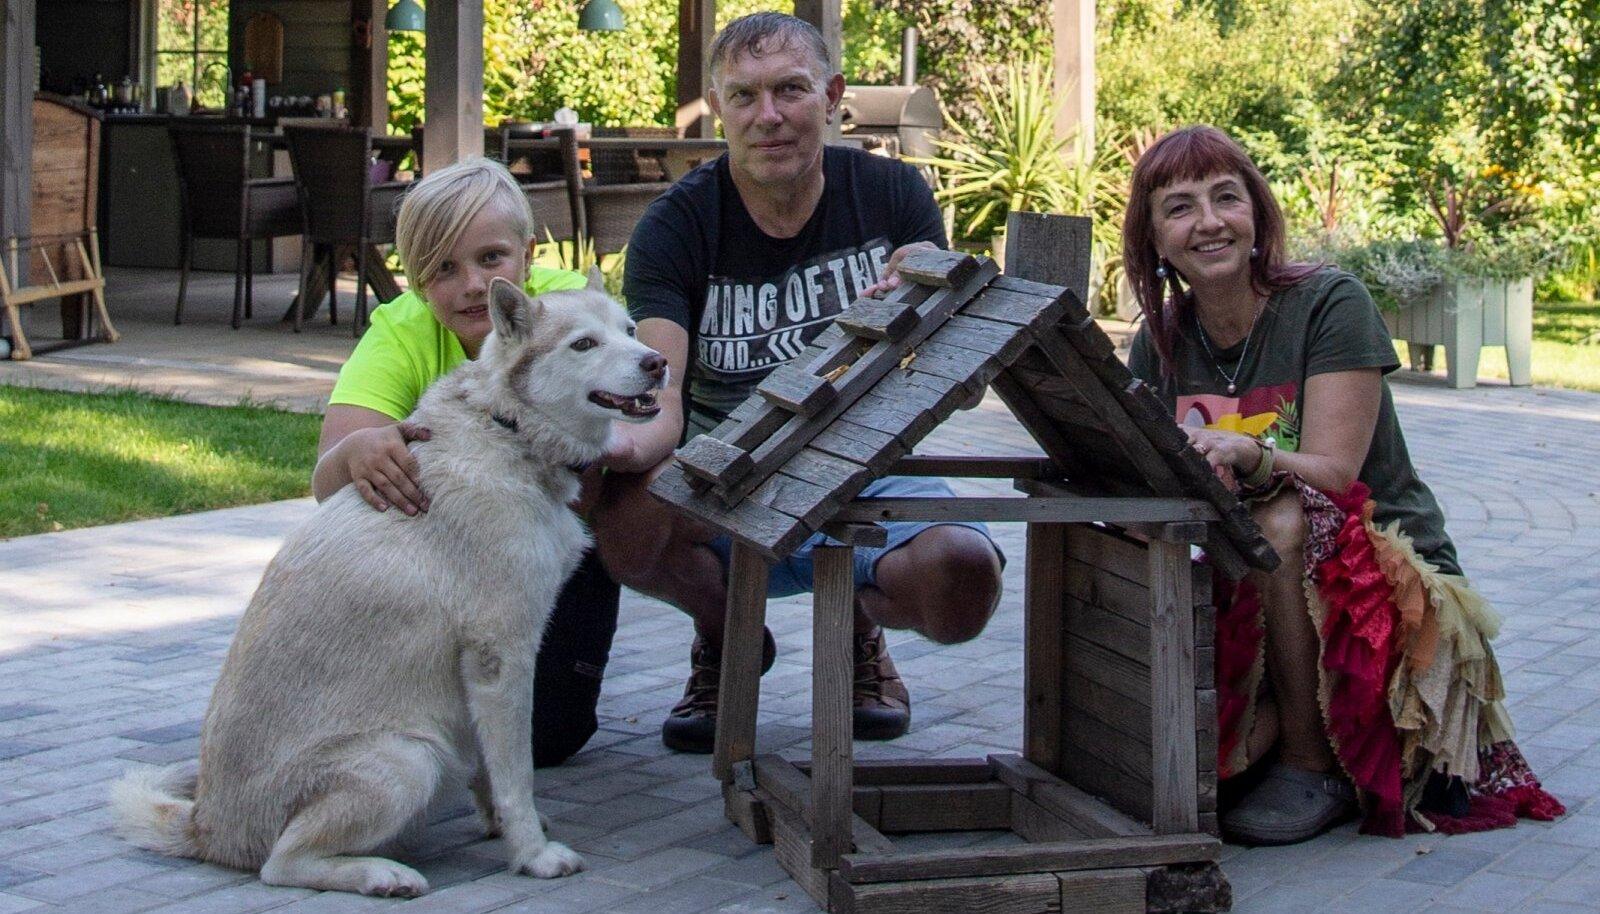 Oskar on olnud väikesest peale suur meistermees. Selle majakese, mille ümber pere on kogunenud, ehitas ta kolme-neljaselt.